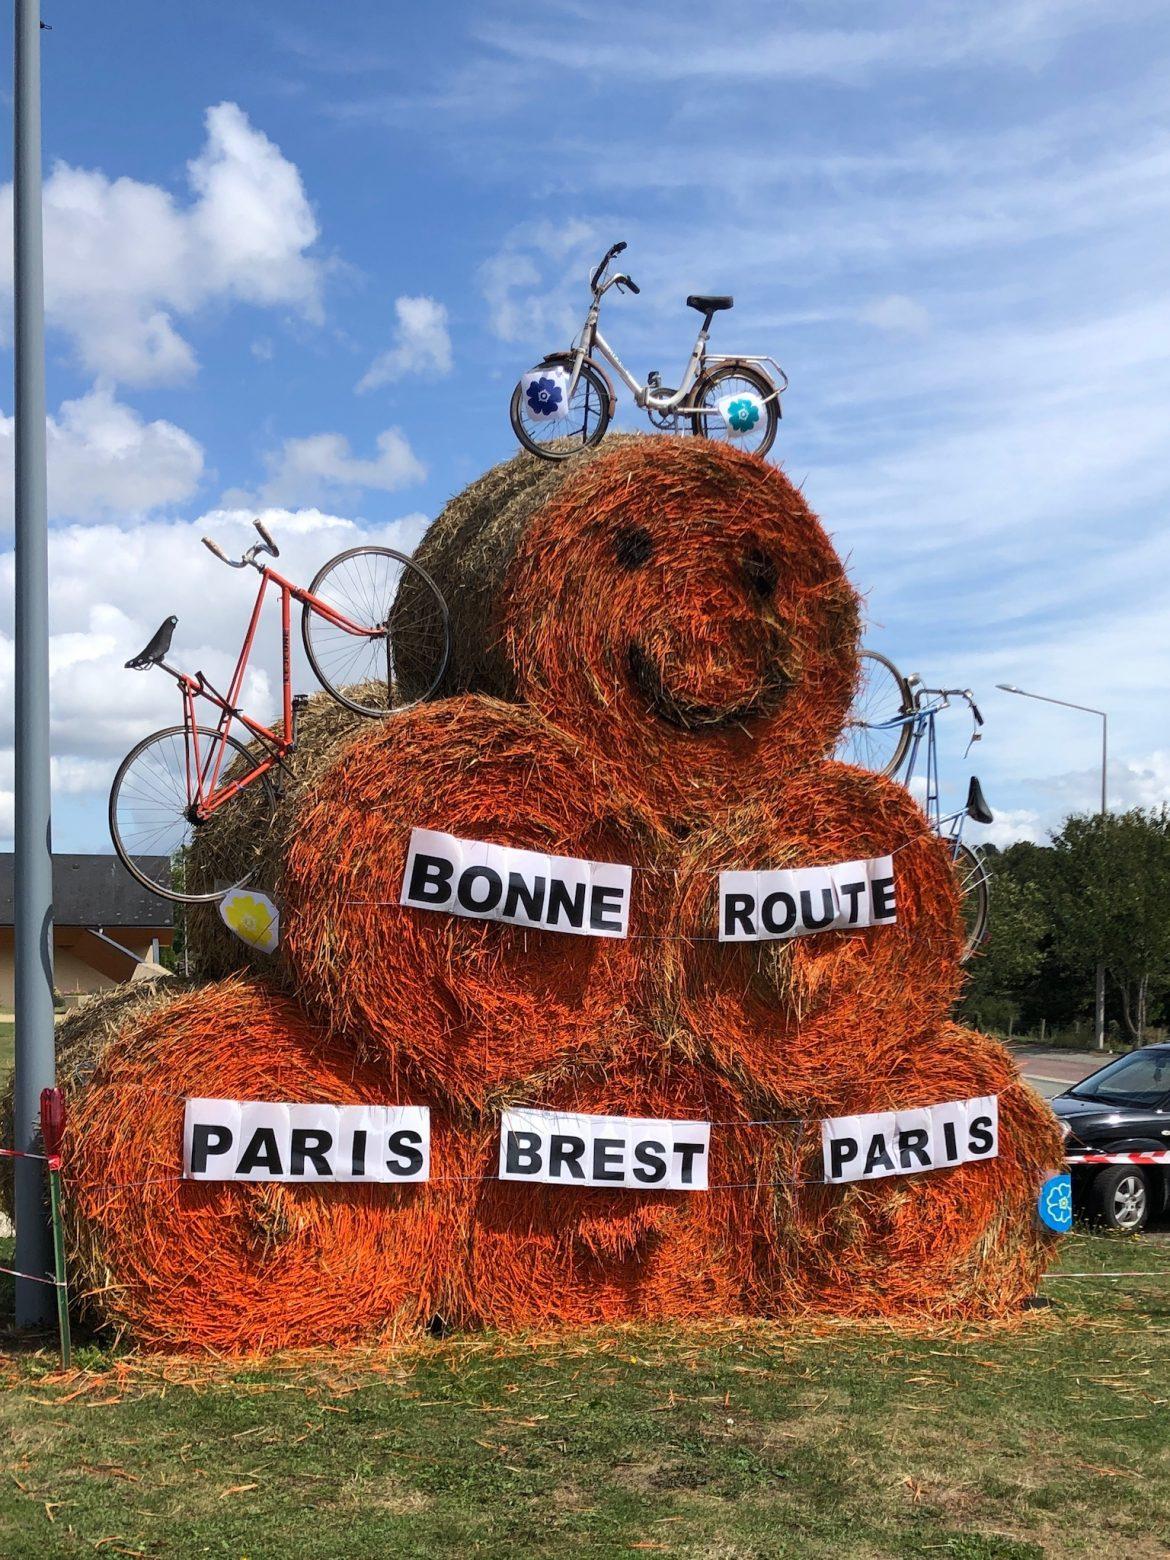 Bonne Route bei Paris-Brest-Paris 2019